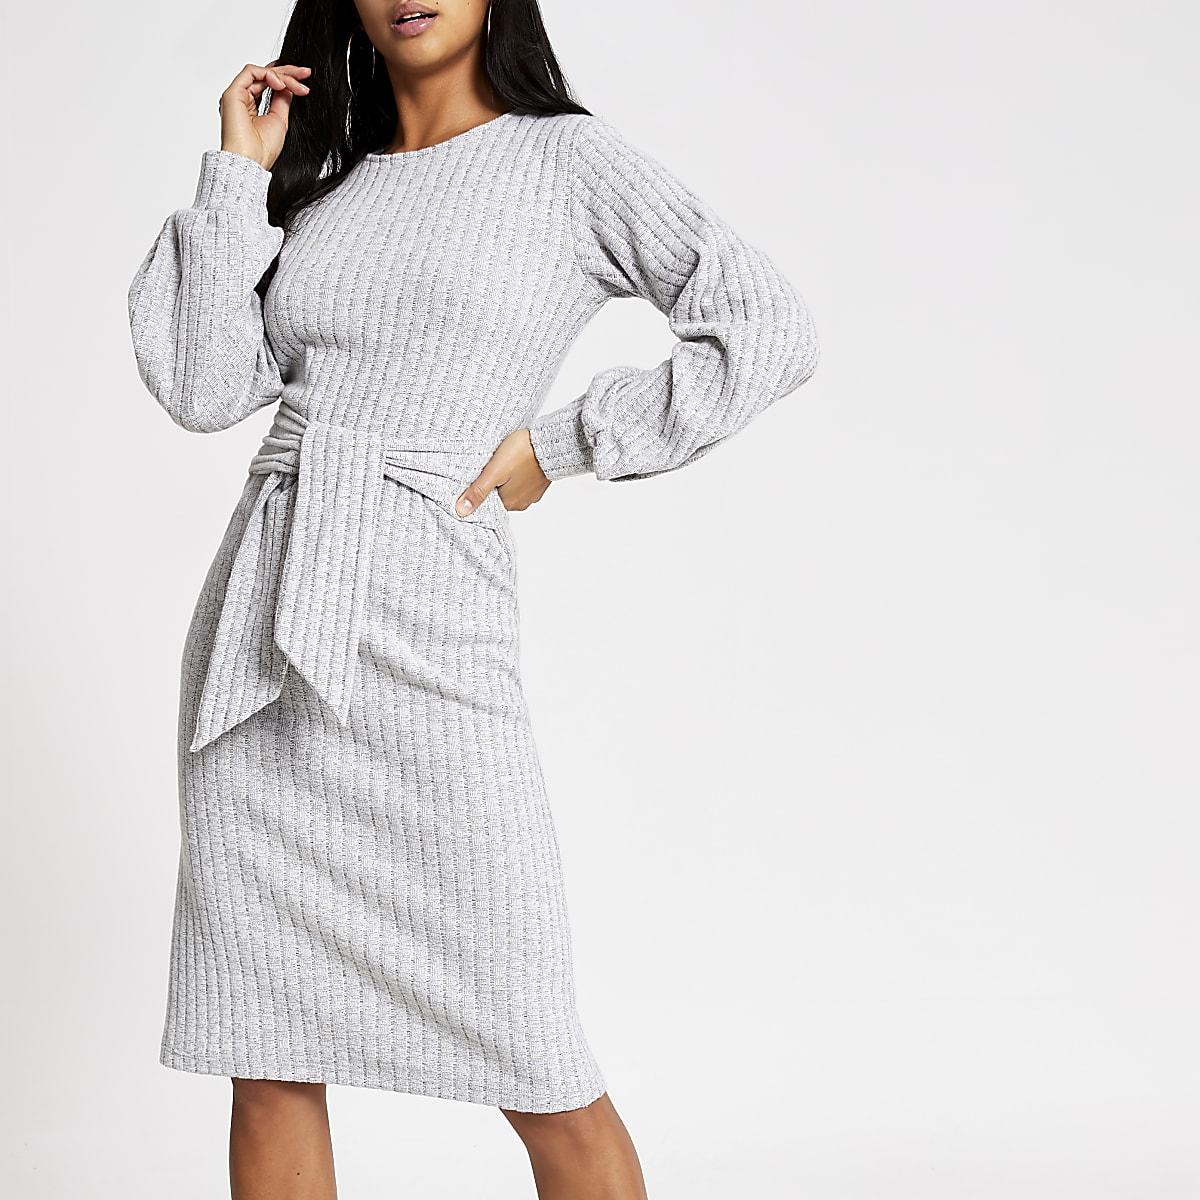 Petite - Robe mi-longue grise nouée